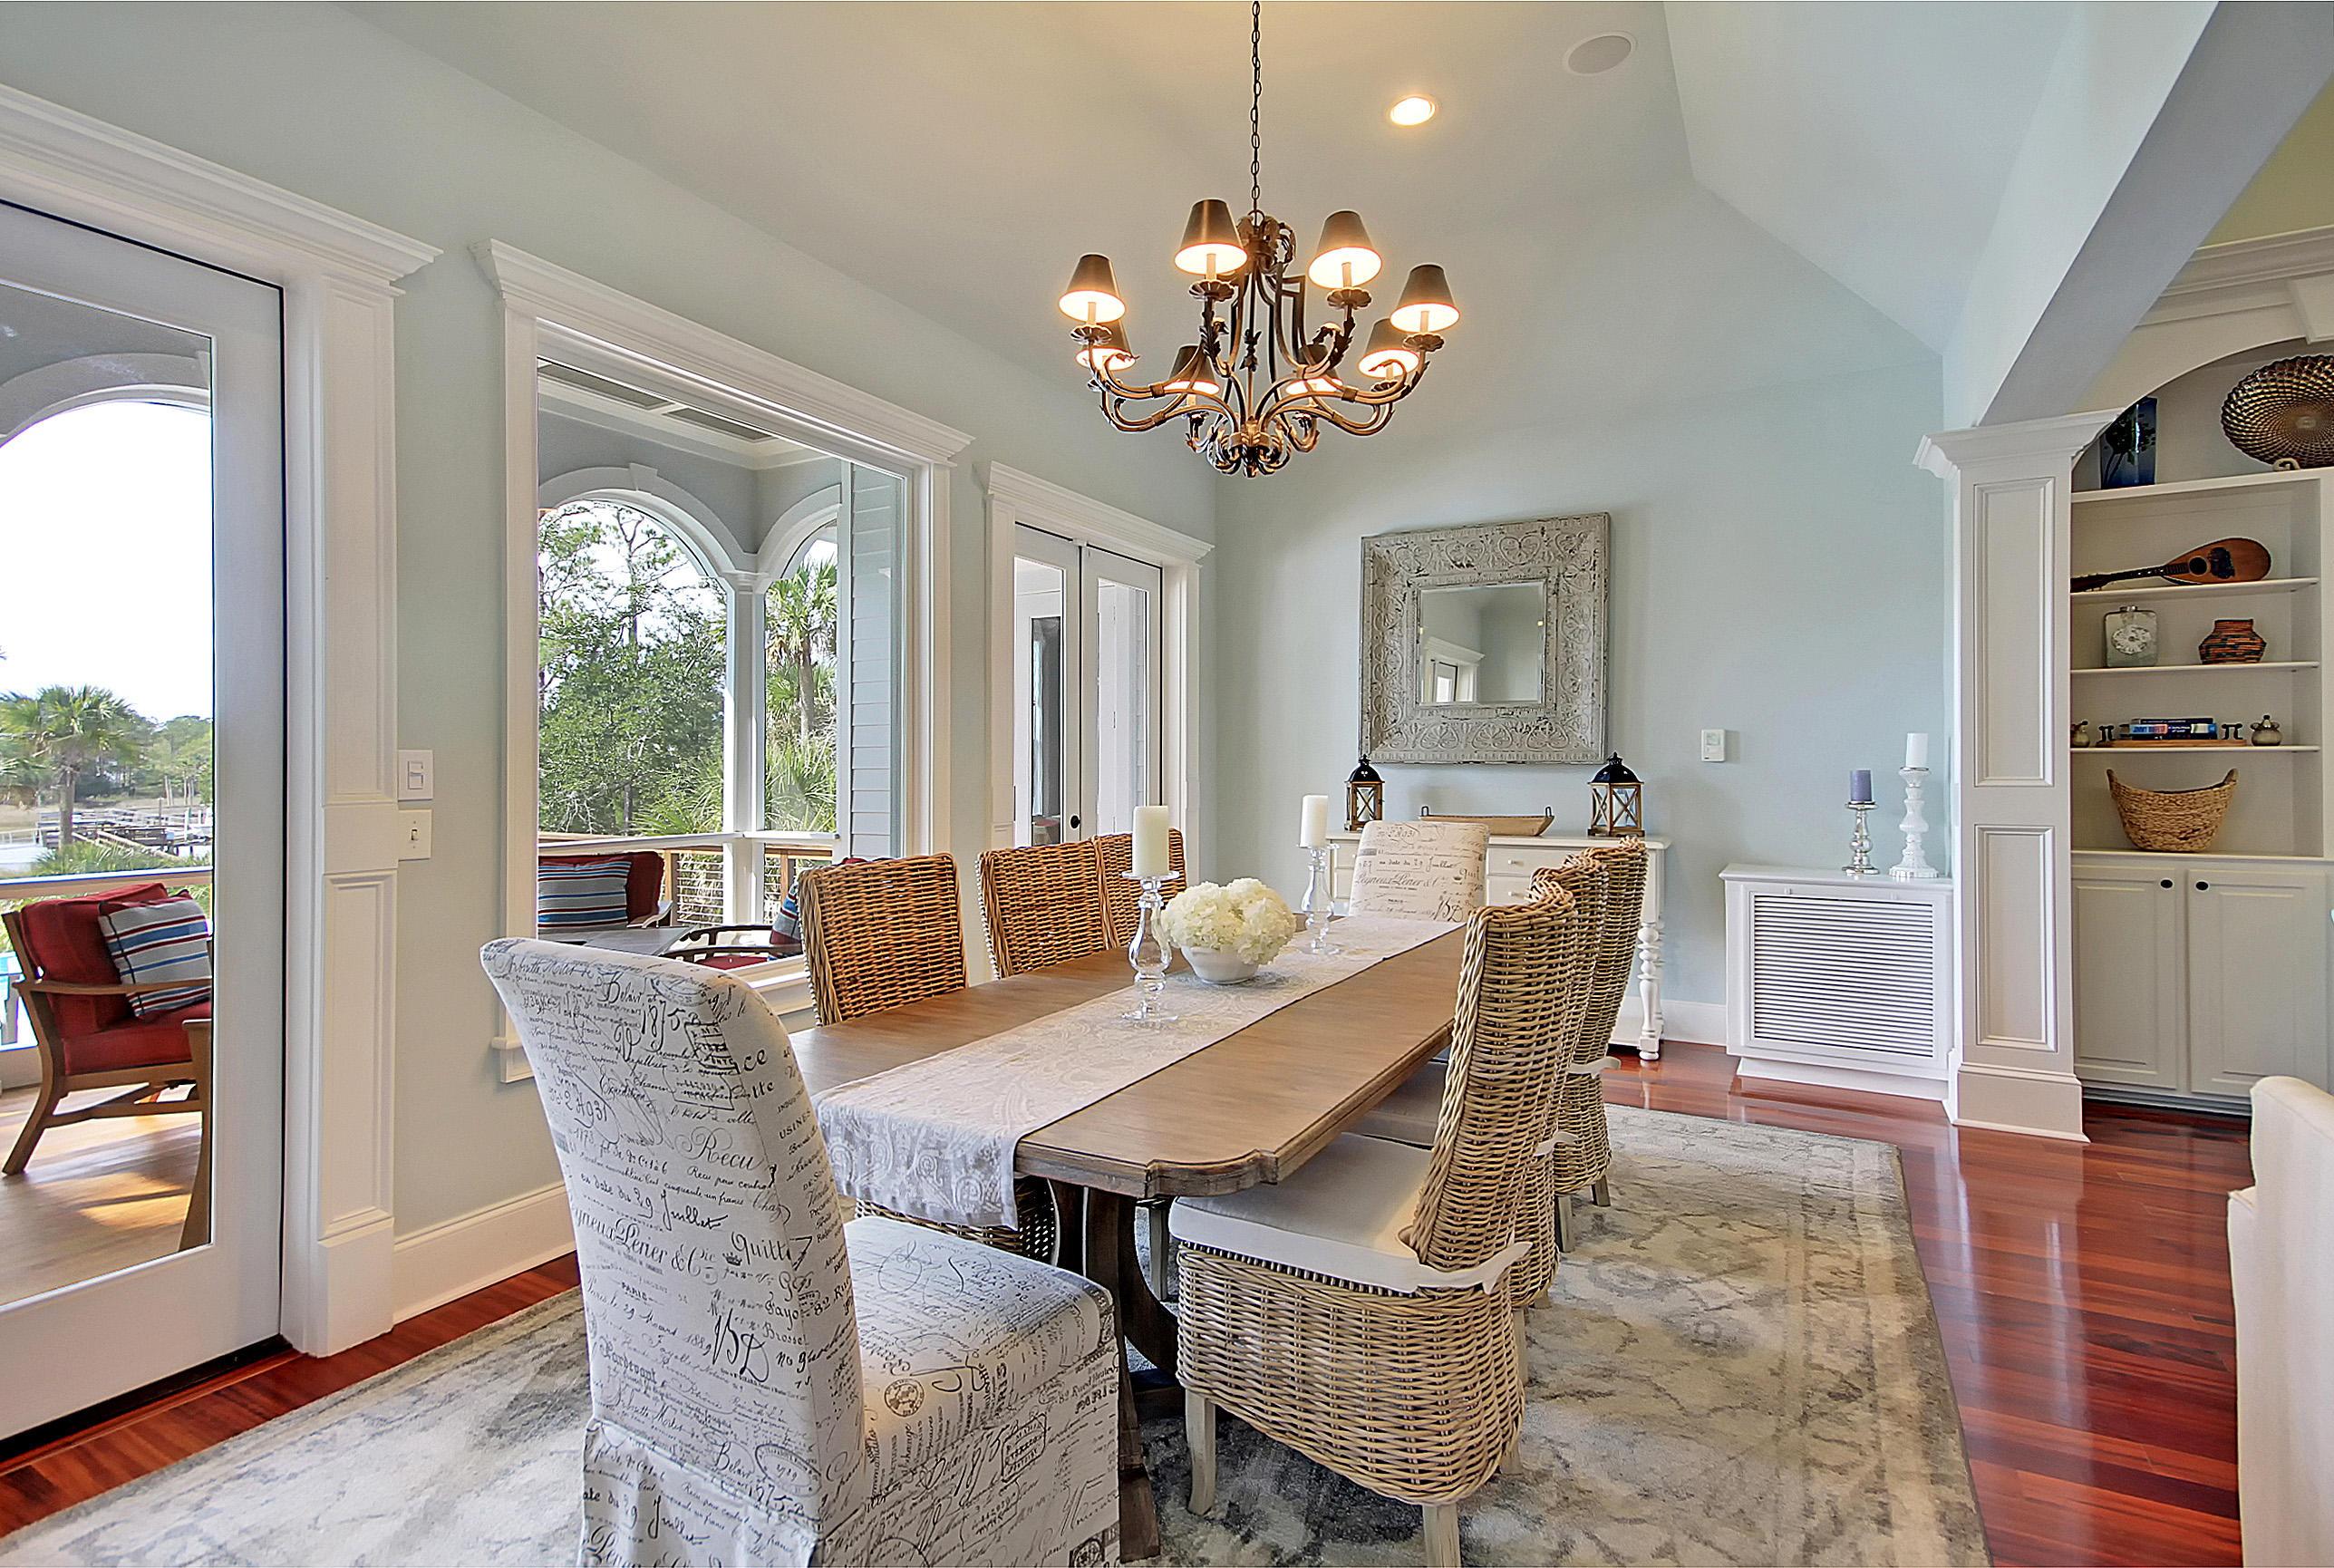 Park West Homes For Sale - 3940 Ashton Shore, Mount Pleasant, SC - 61